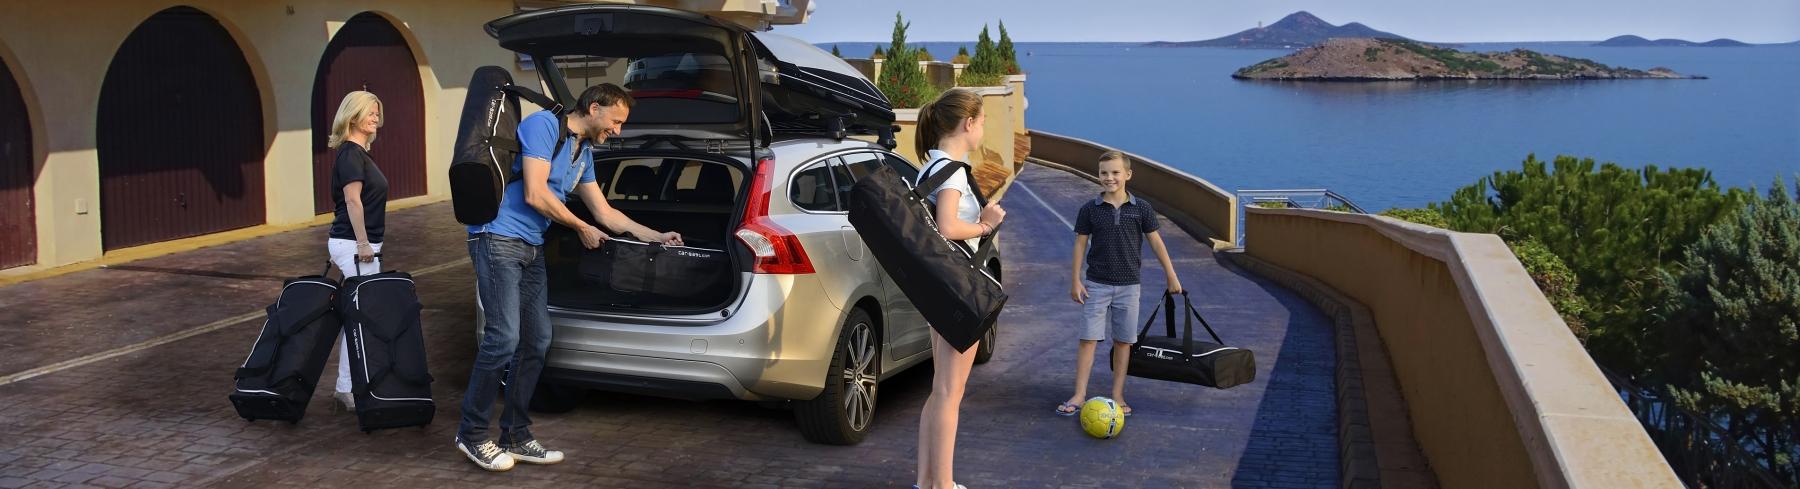 car-bags-eine-unbeschwerte-reise-sommer